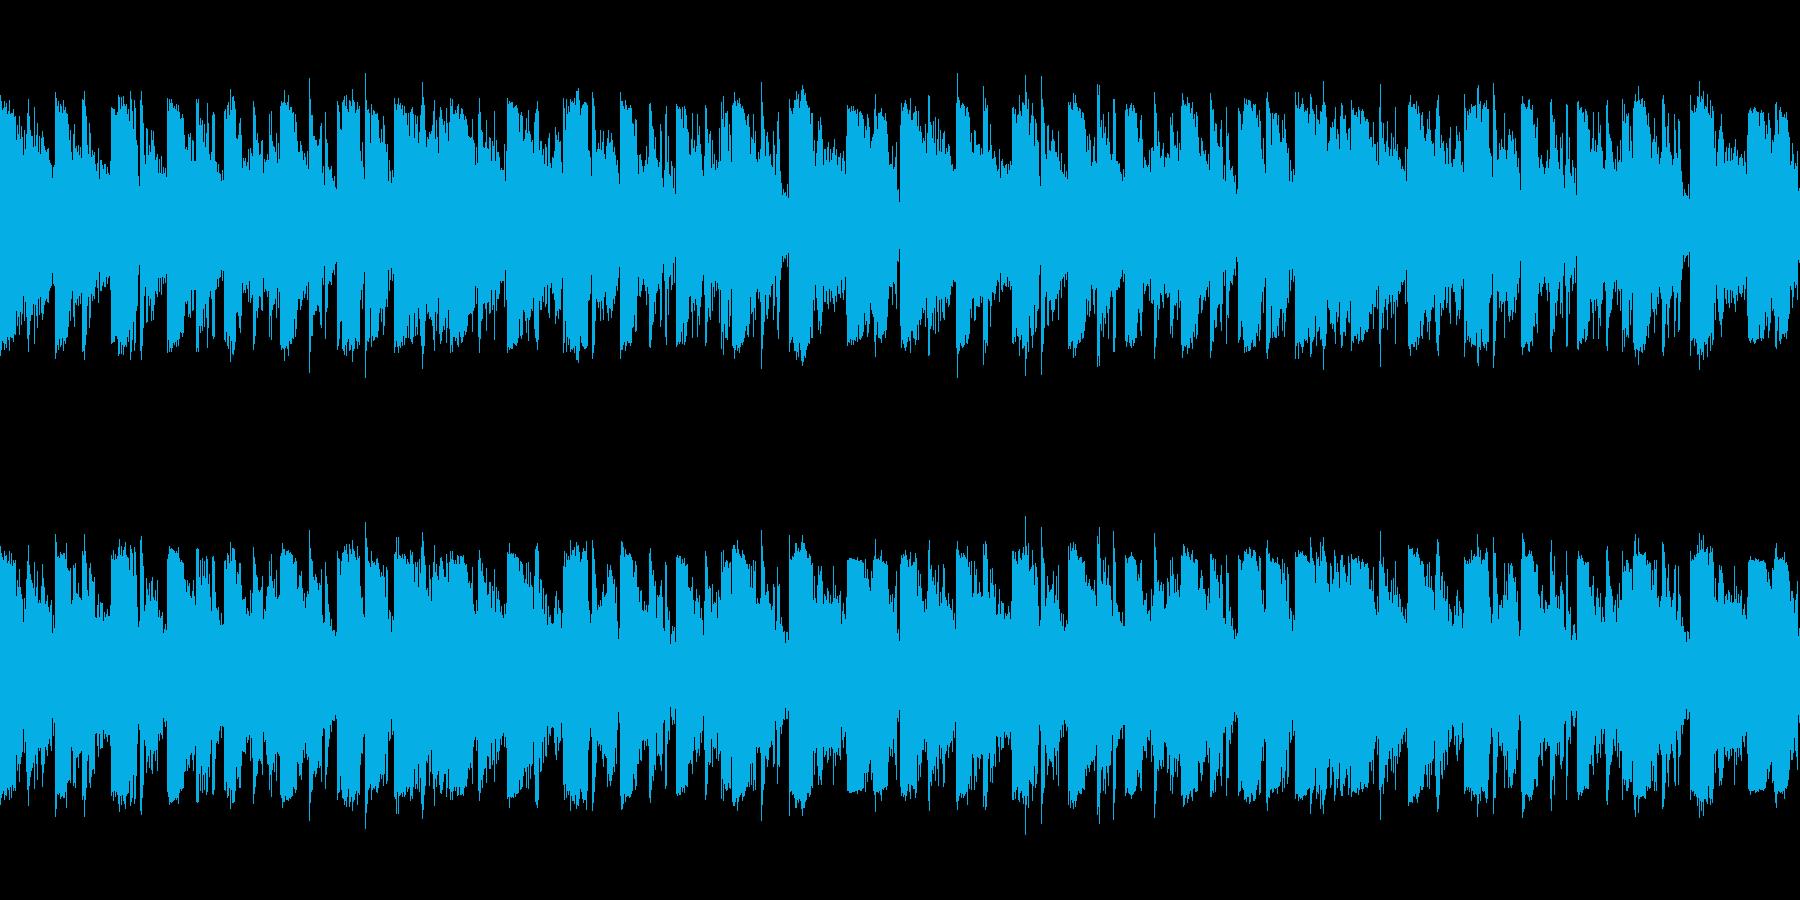 「クセのないデジタルダンスLoop曲」の再生済みの波形